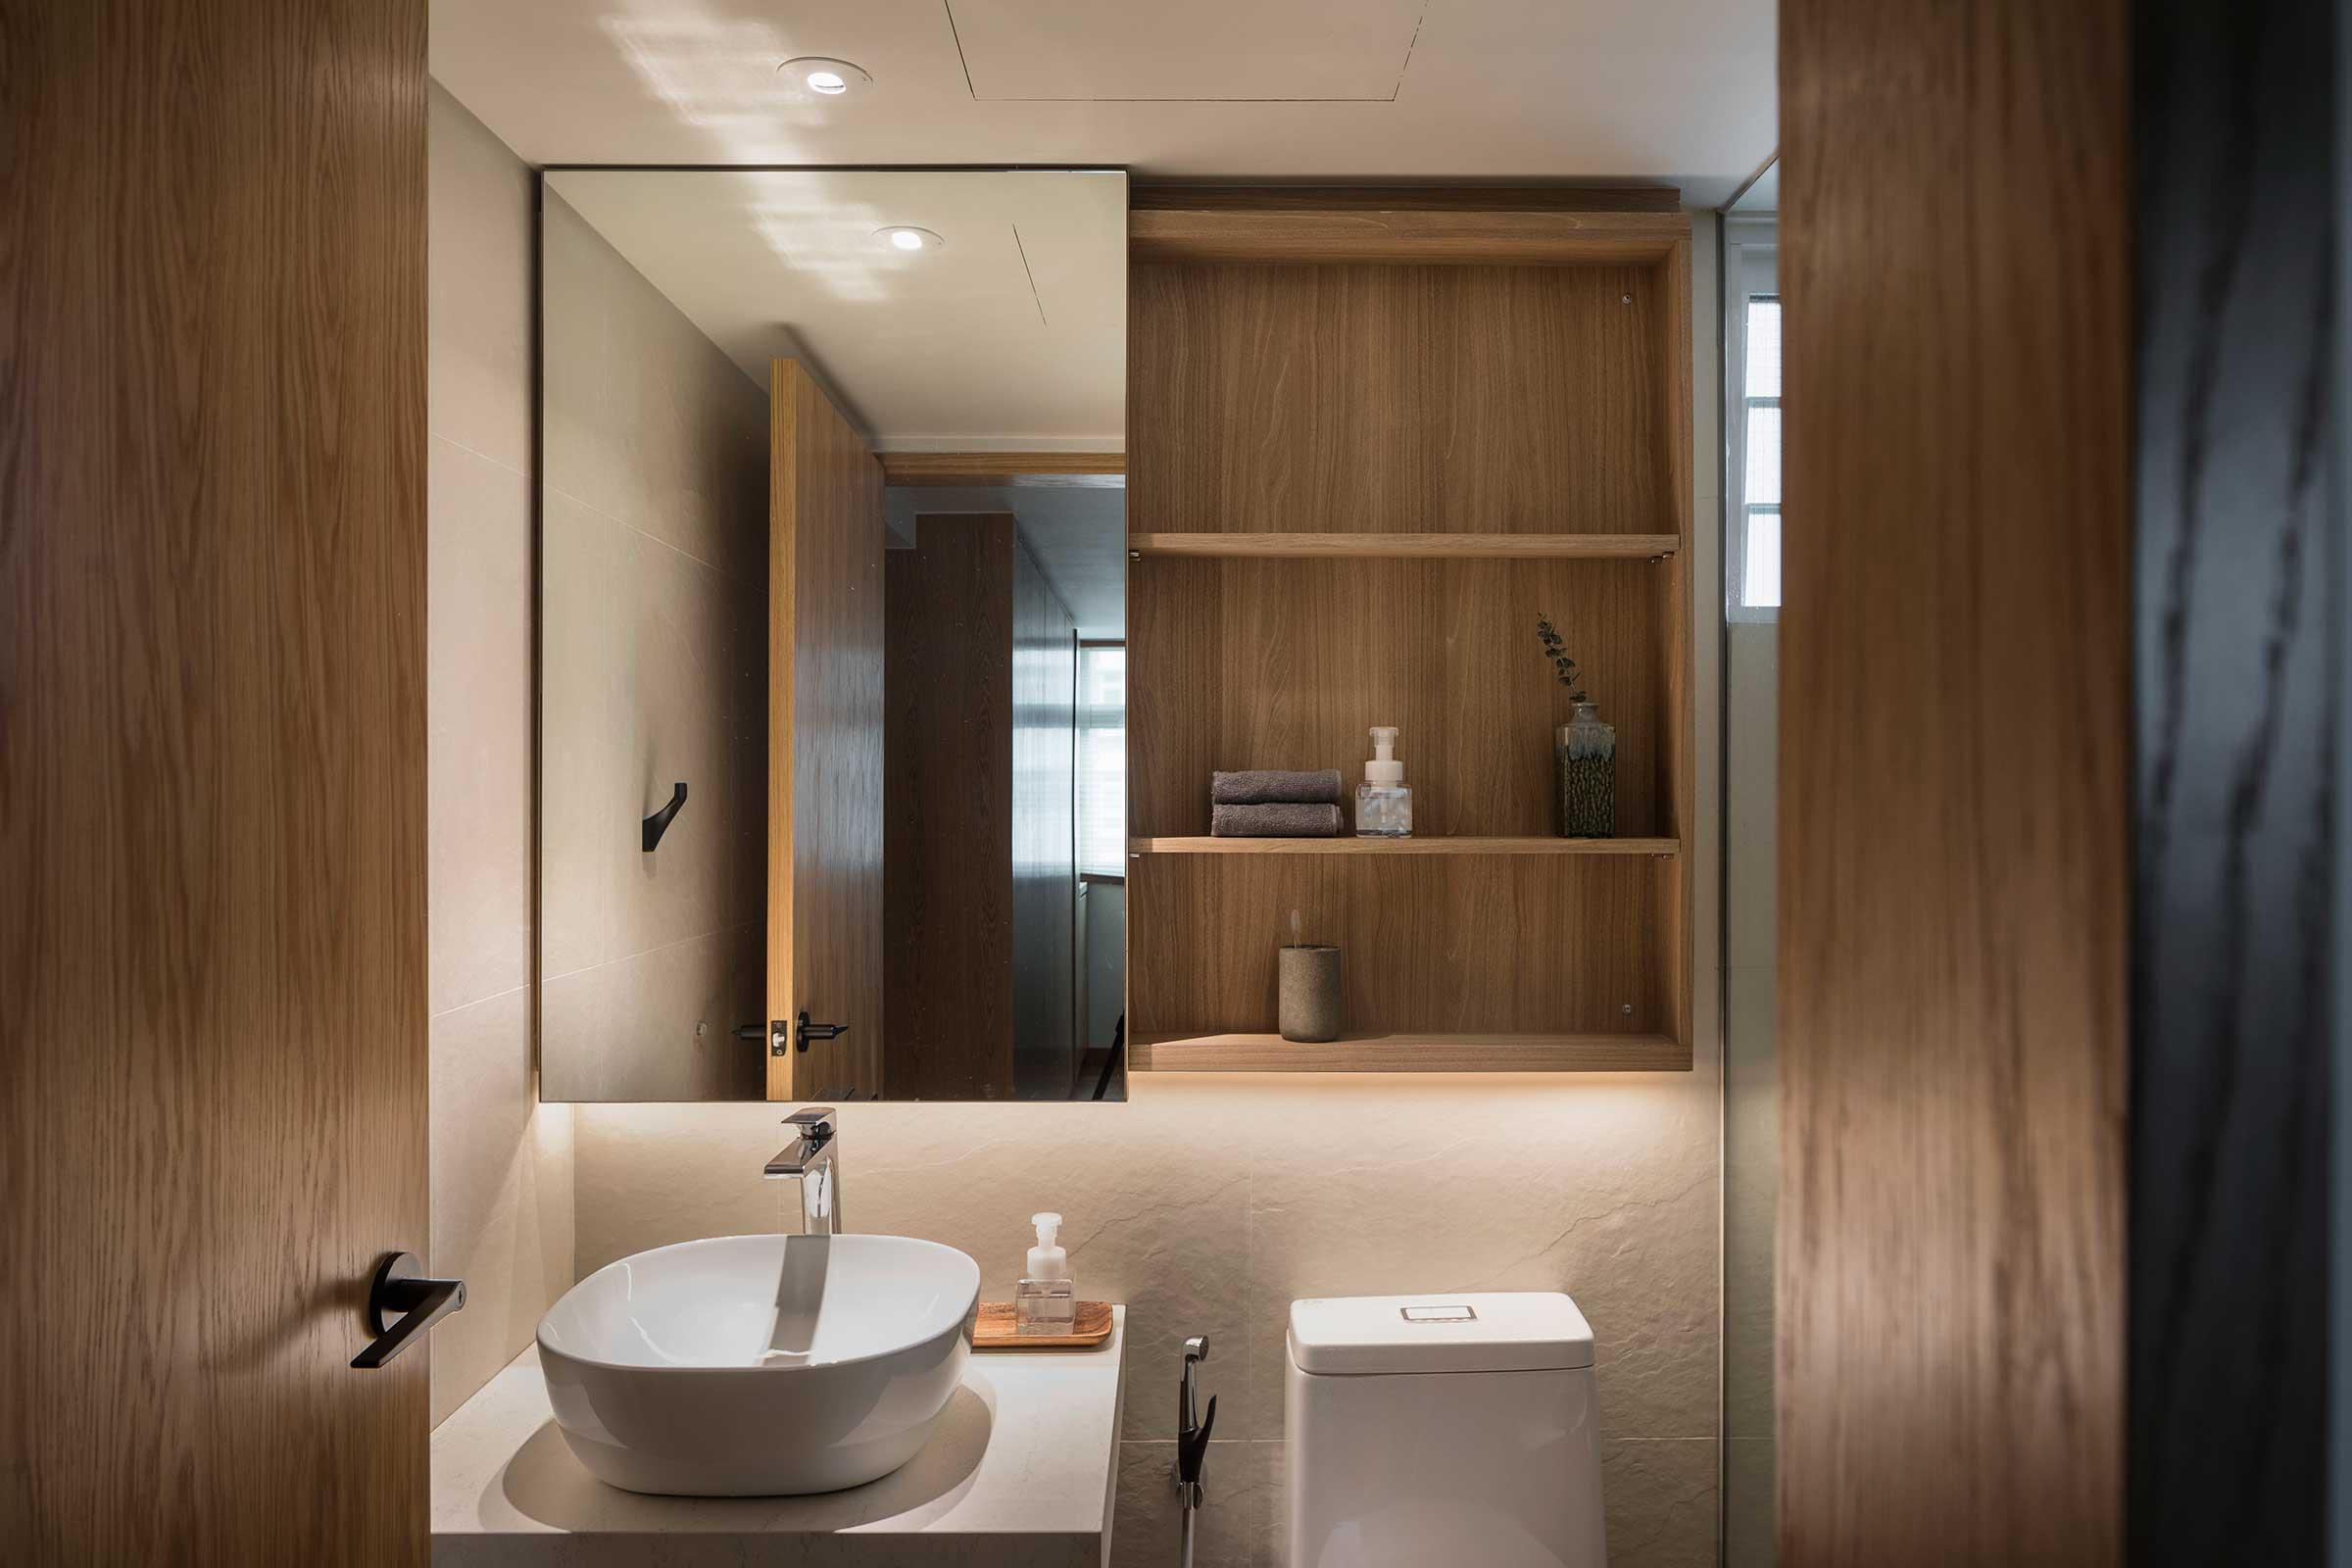 Bukit-Batok-West-Ave-6_Goy-Architects_05.jpg